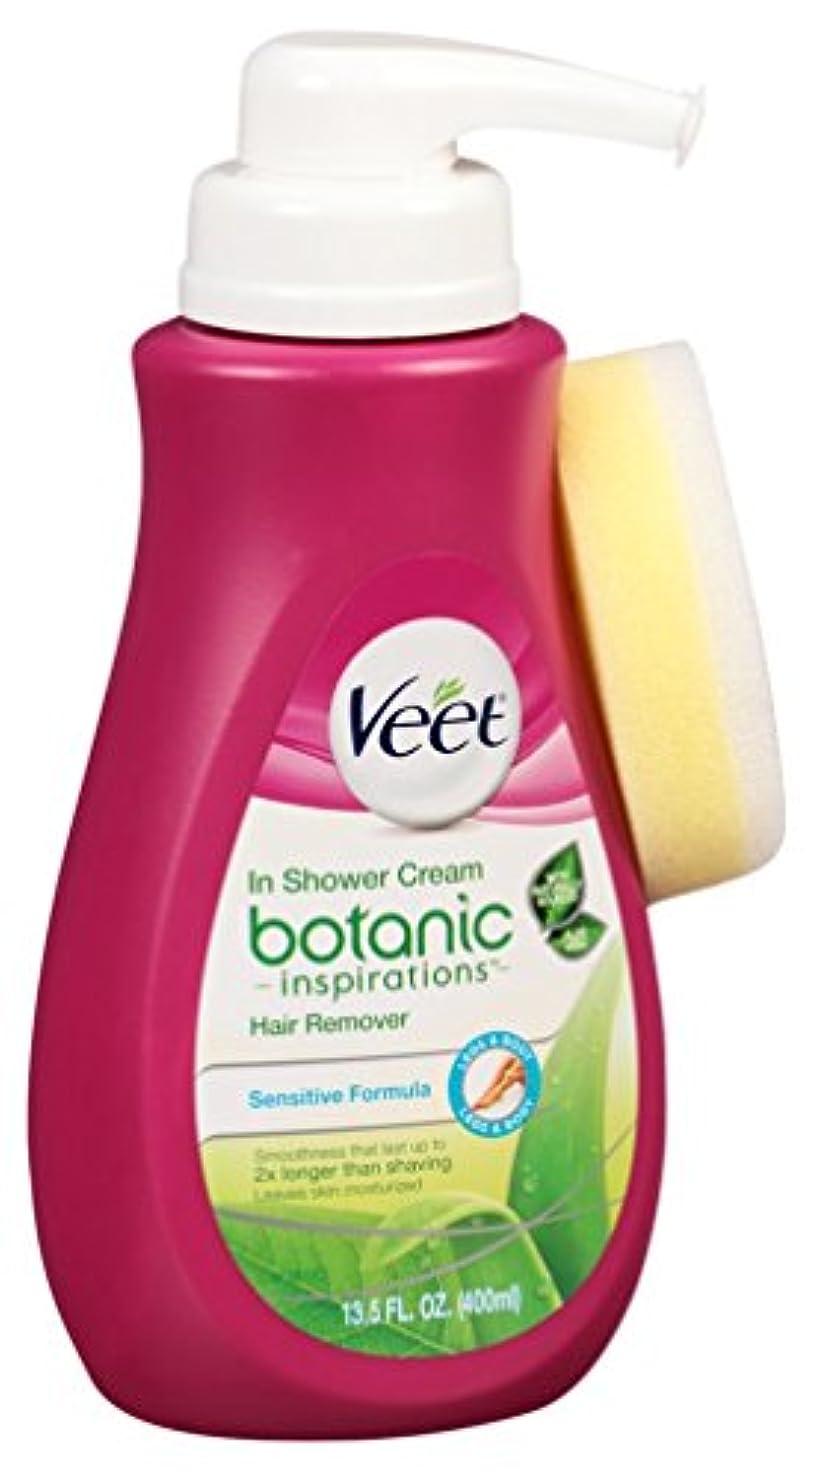 ベリー習慣欲求不満Veet シャワー脱毛クリームで、植物インスピレーション、美脚&ボディ、400ミリリットル(2パック)